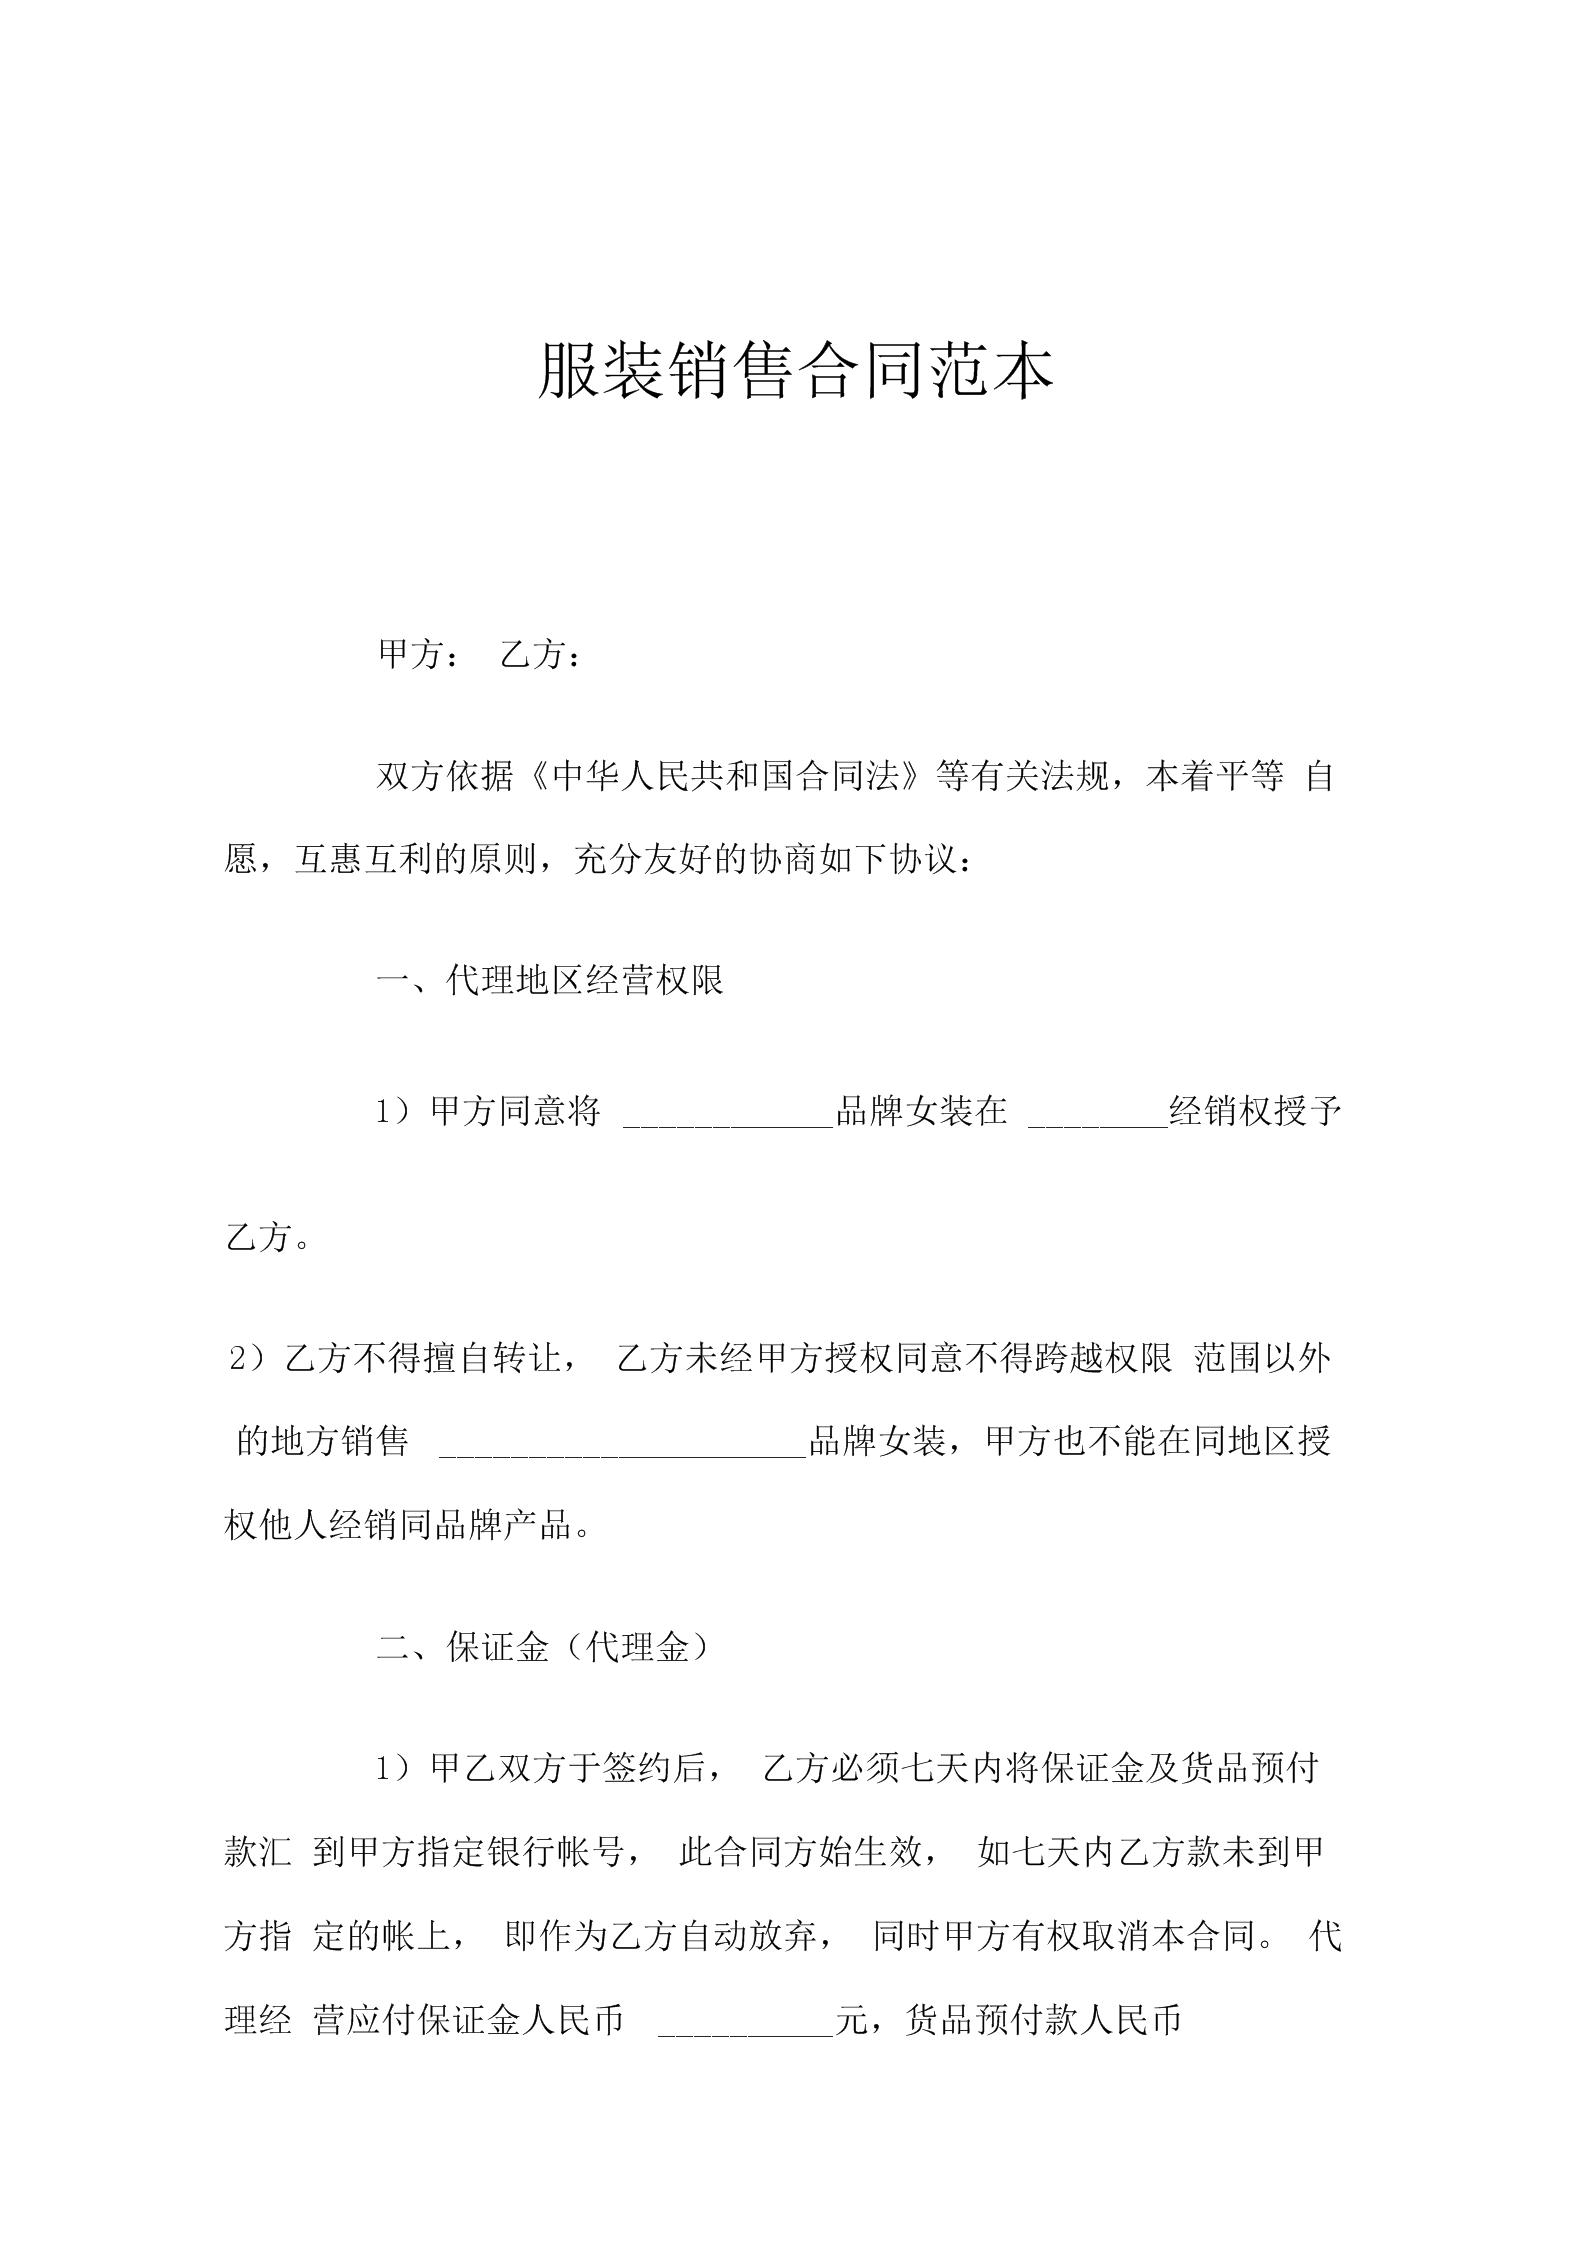 服装销售合同(2).docx